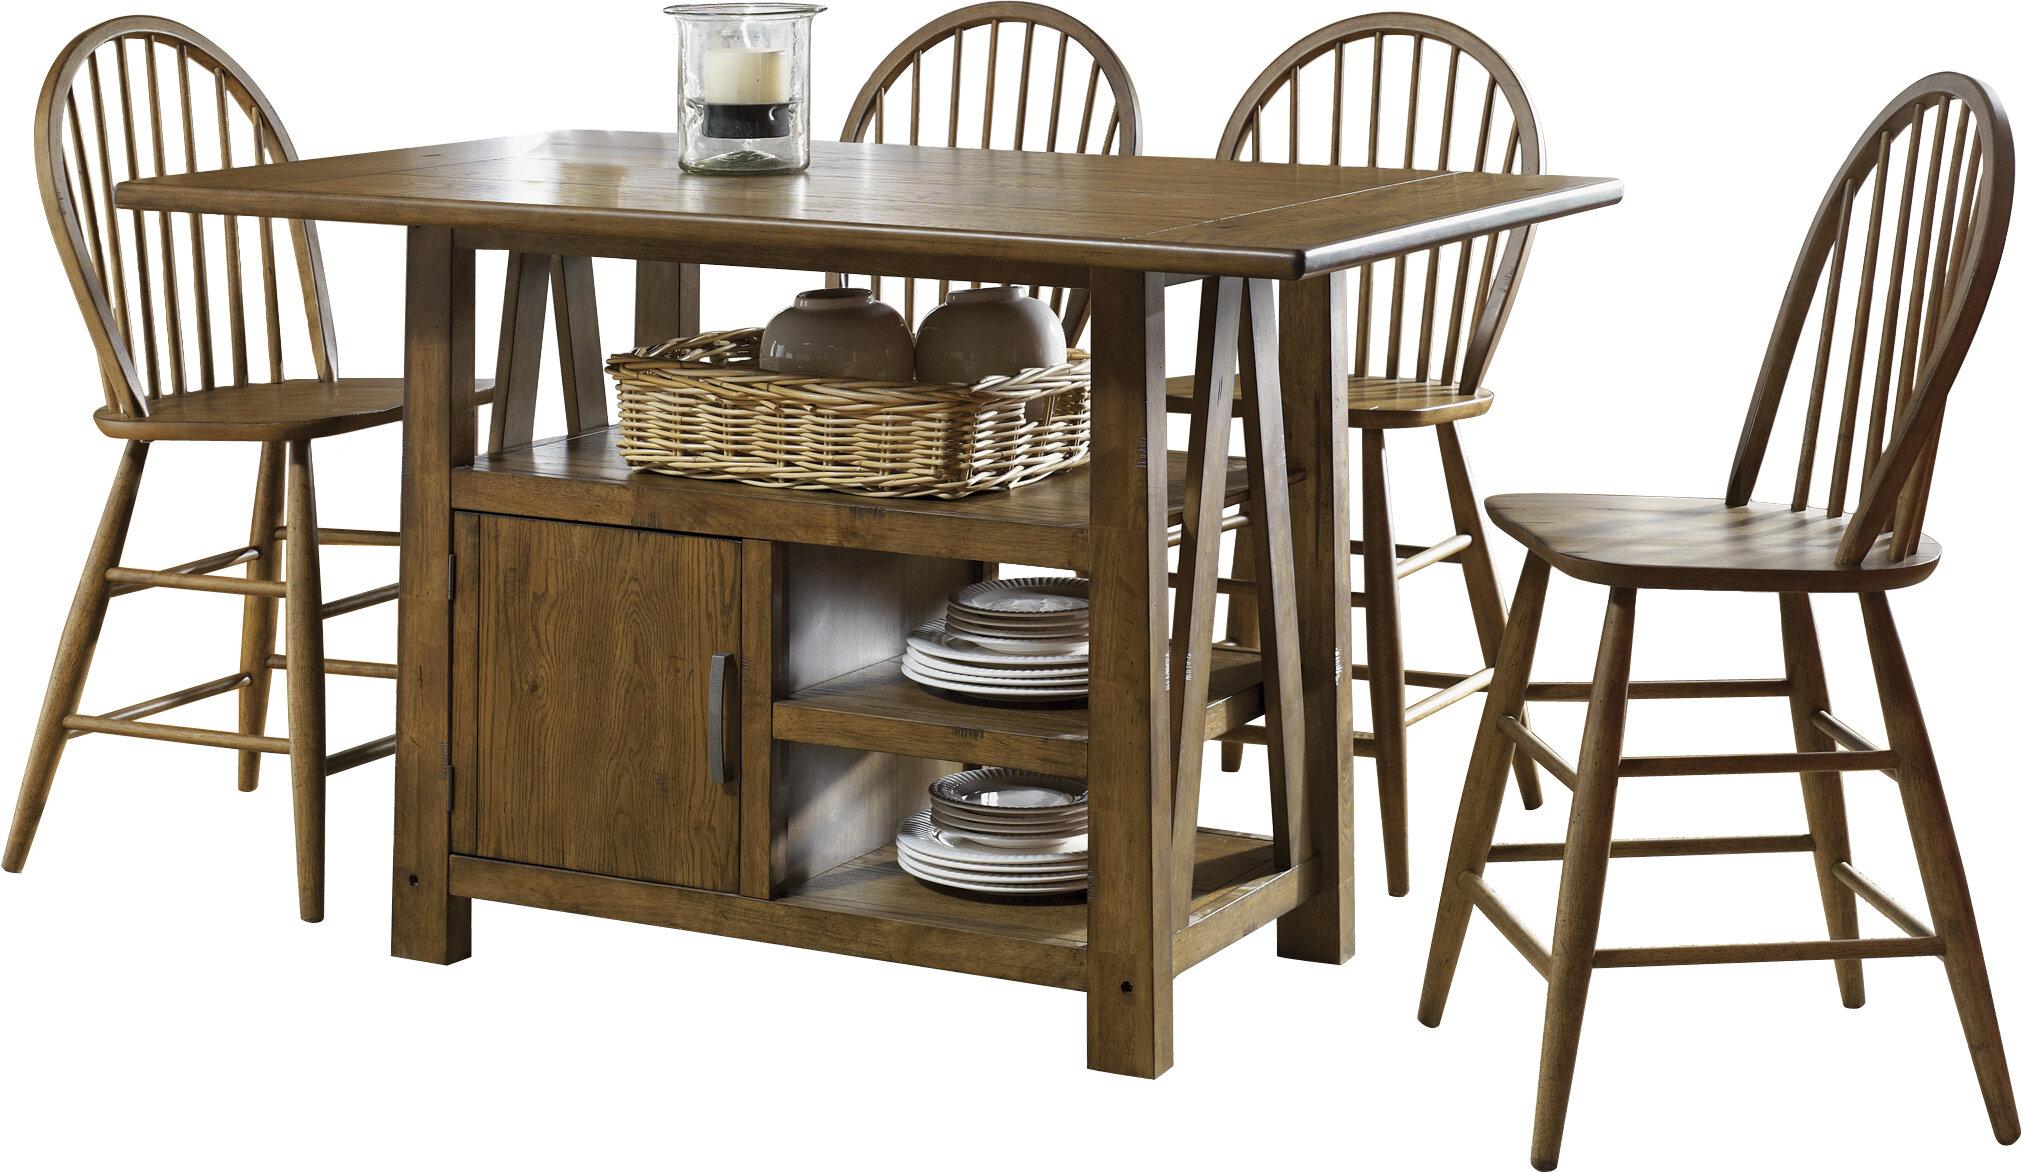 Liberty Furniture Farmhouse 5 Piece Counter Height Dining Set | Wayfair